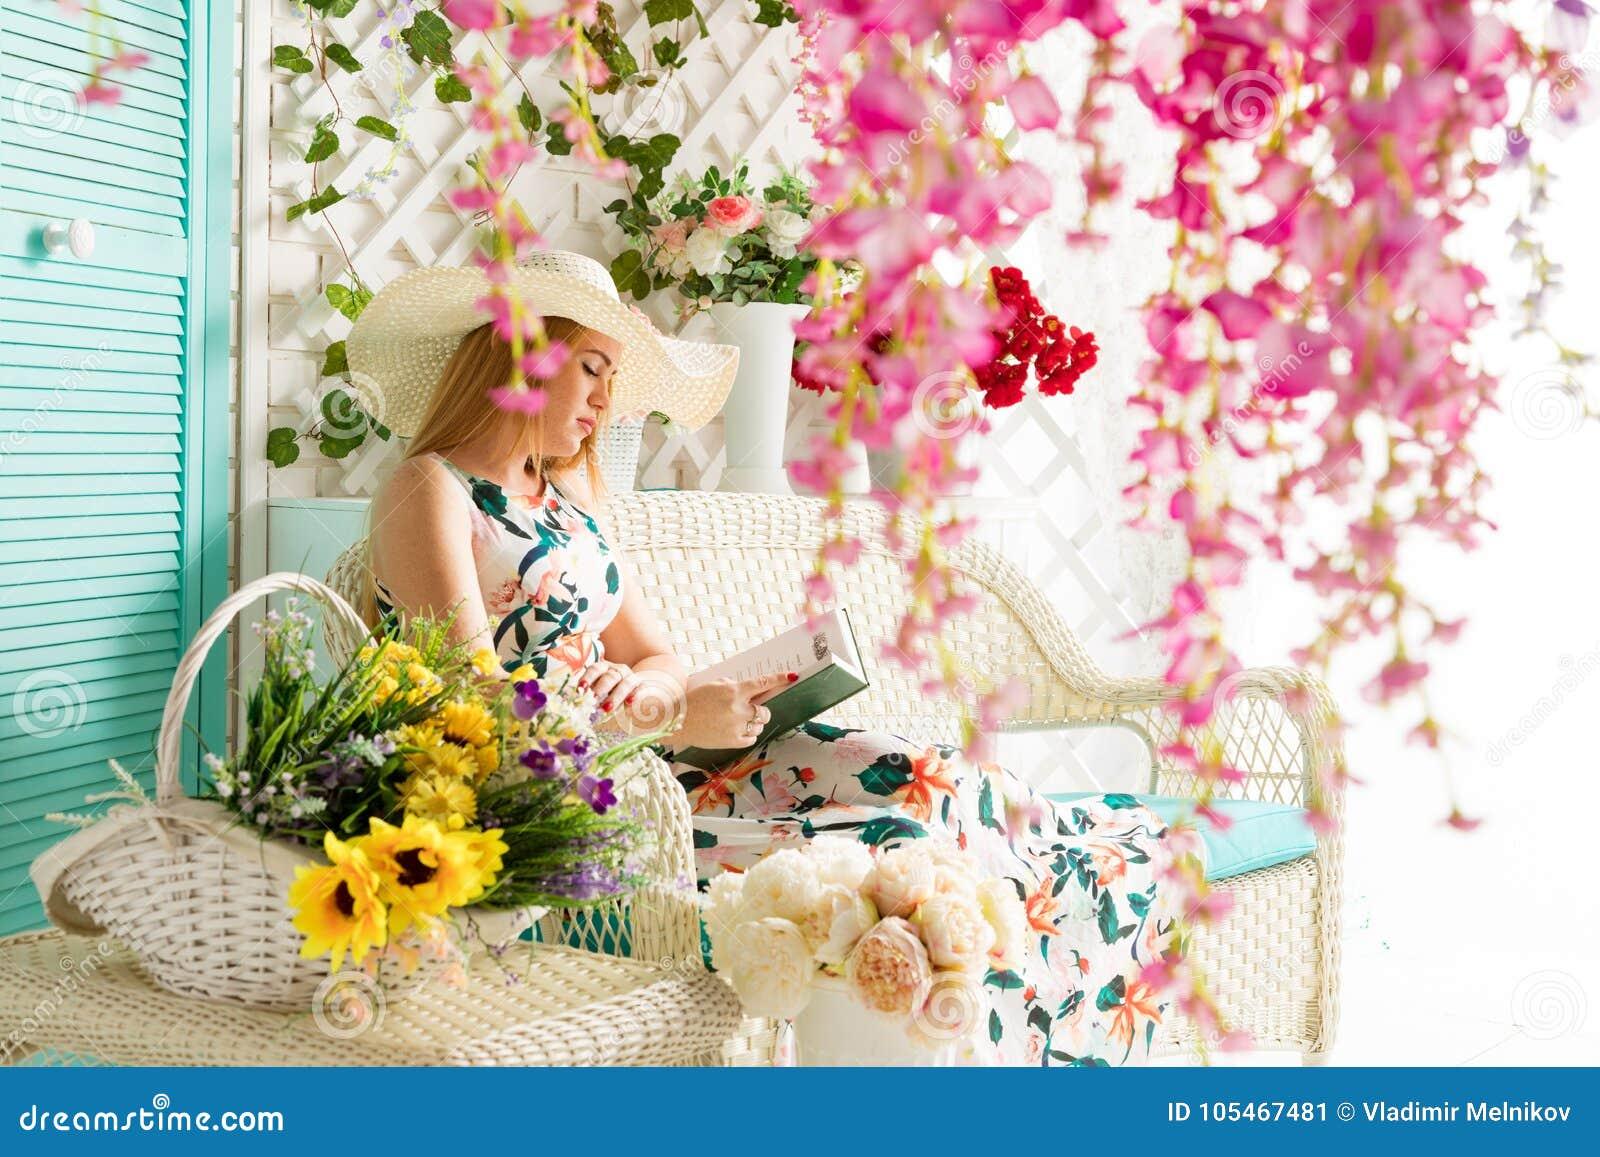 Jonge vrouw met boek in de zomerterras